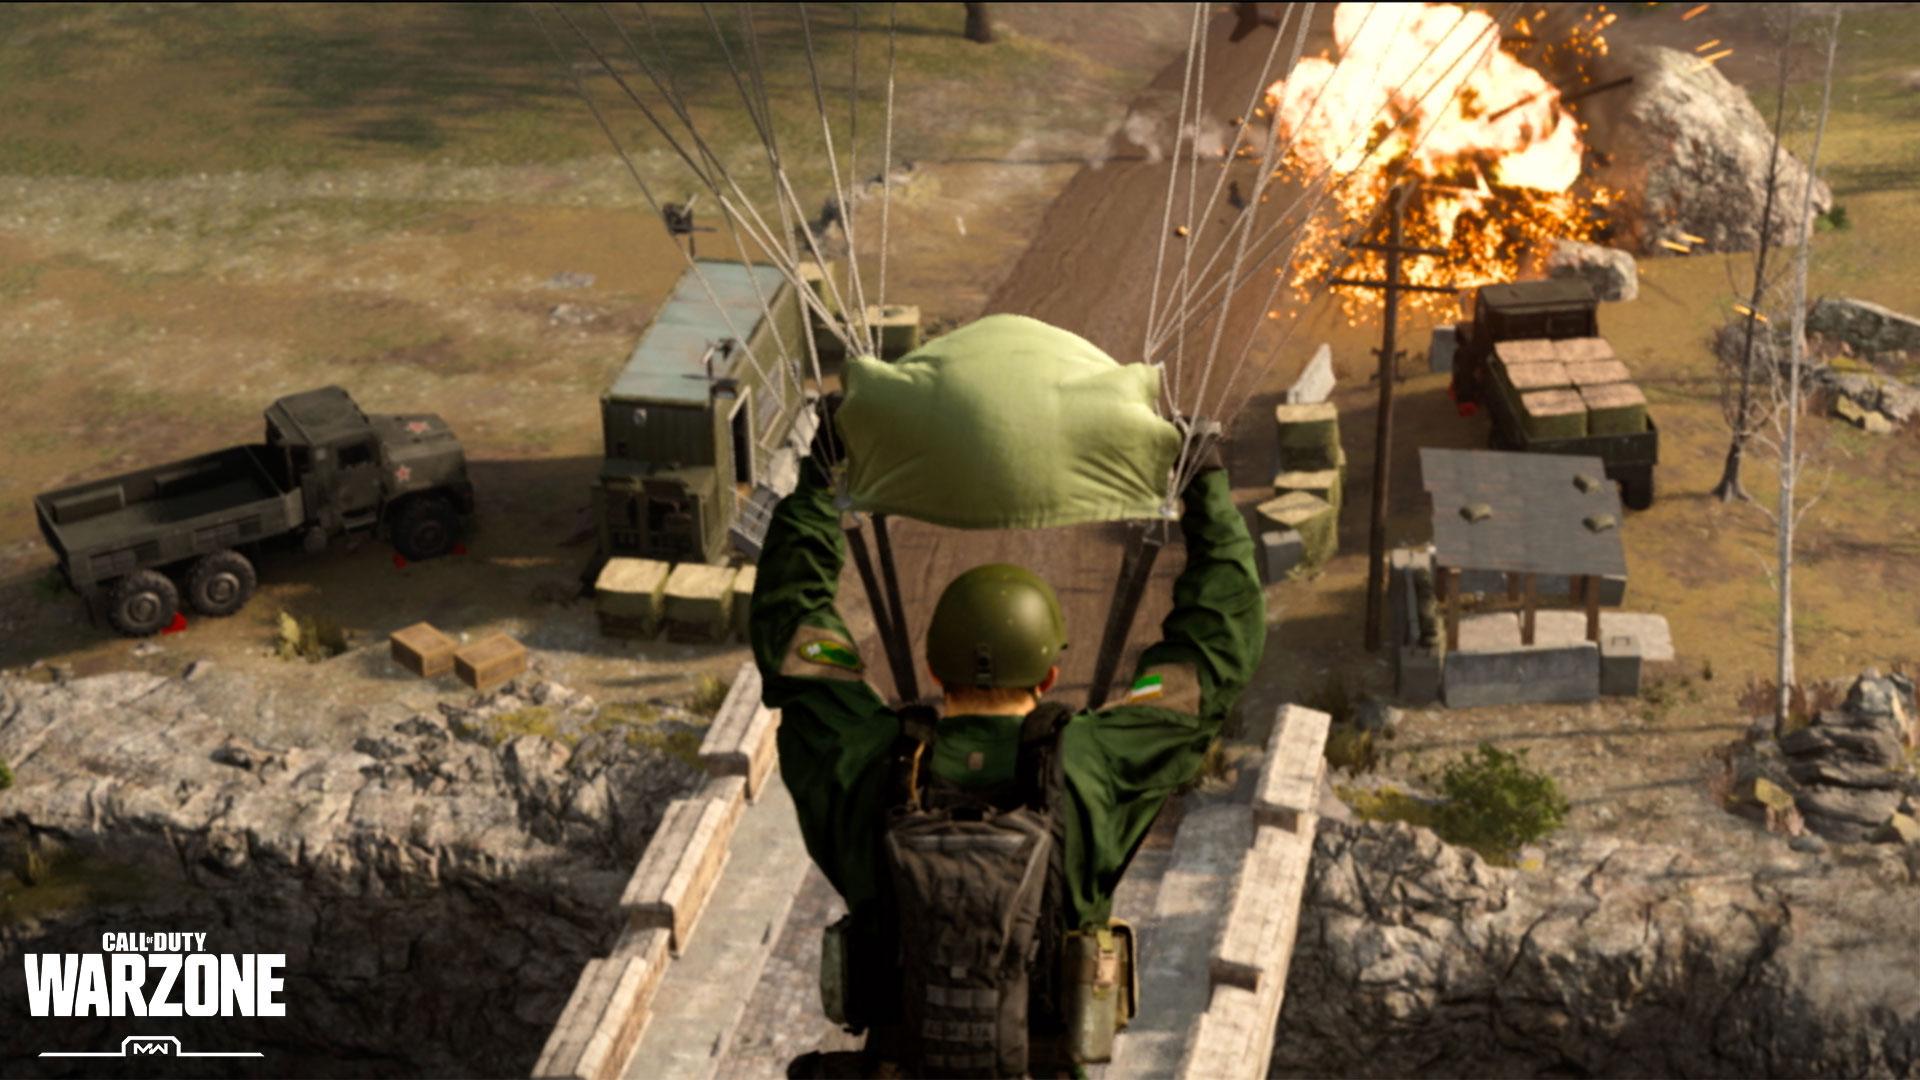 Warzone Parachute Techniques - Image 1